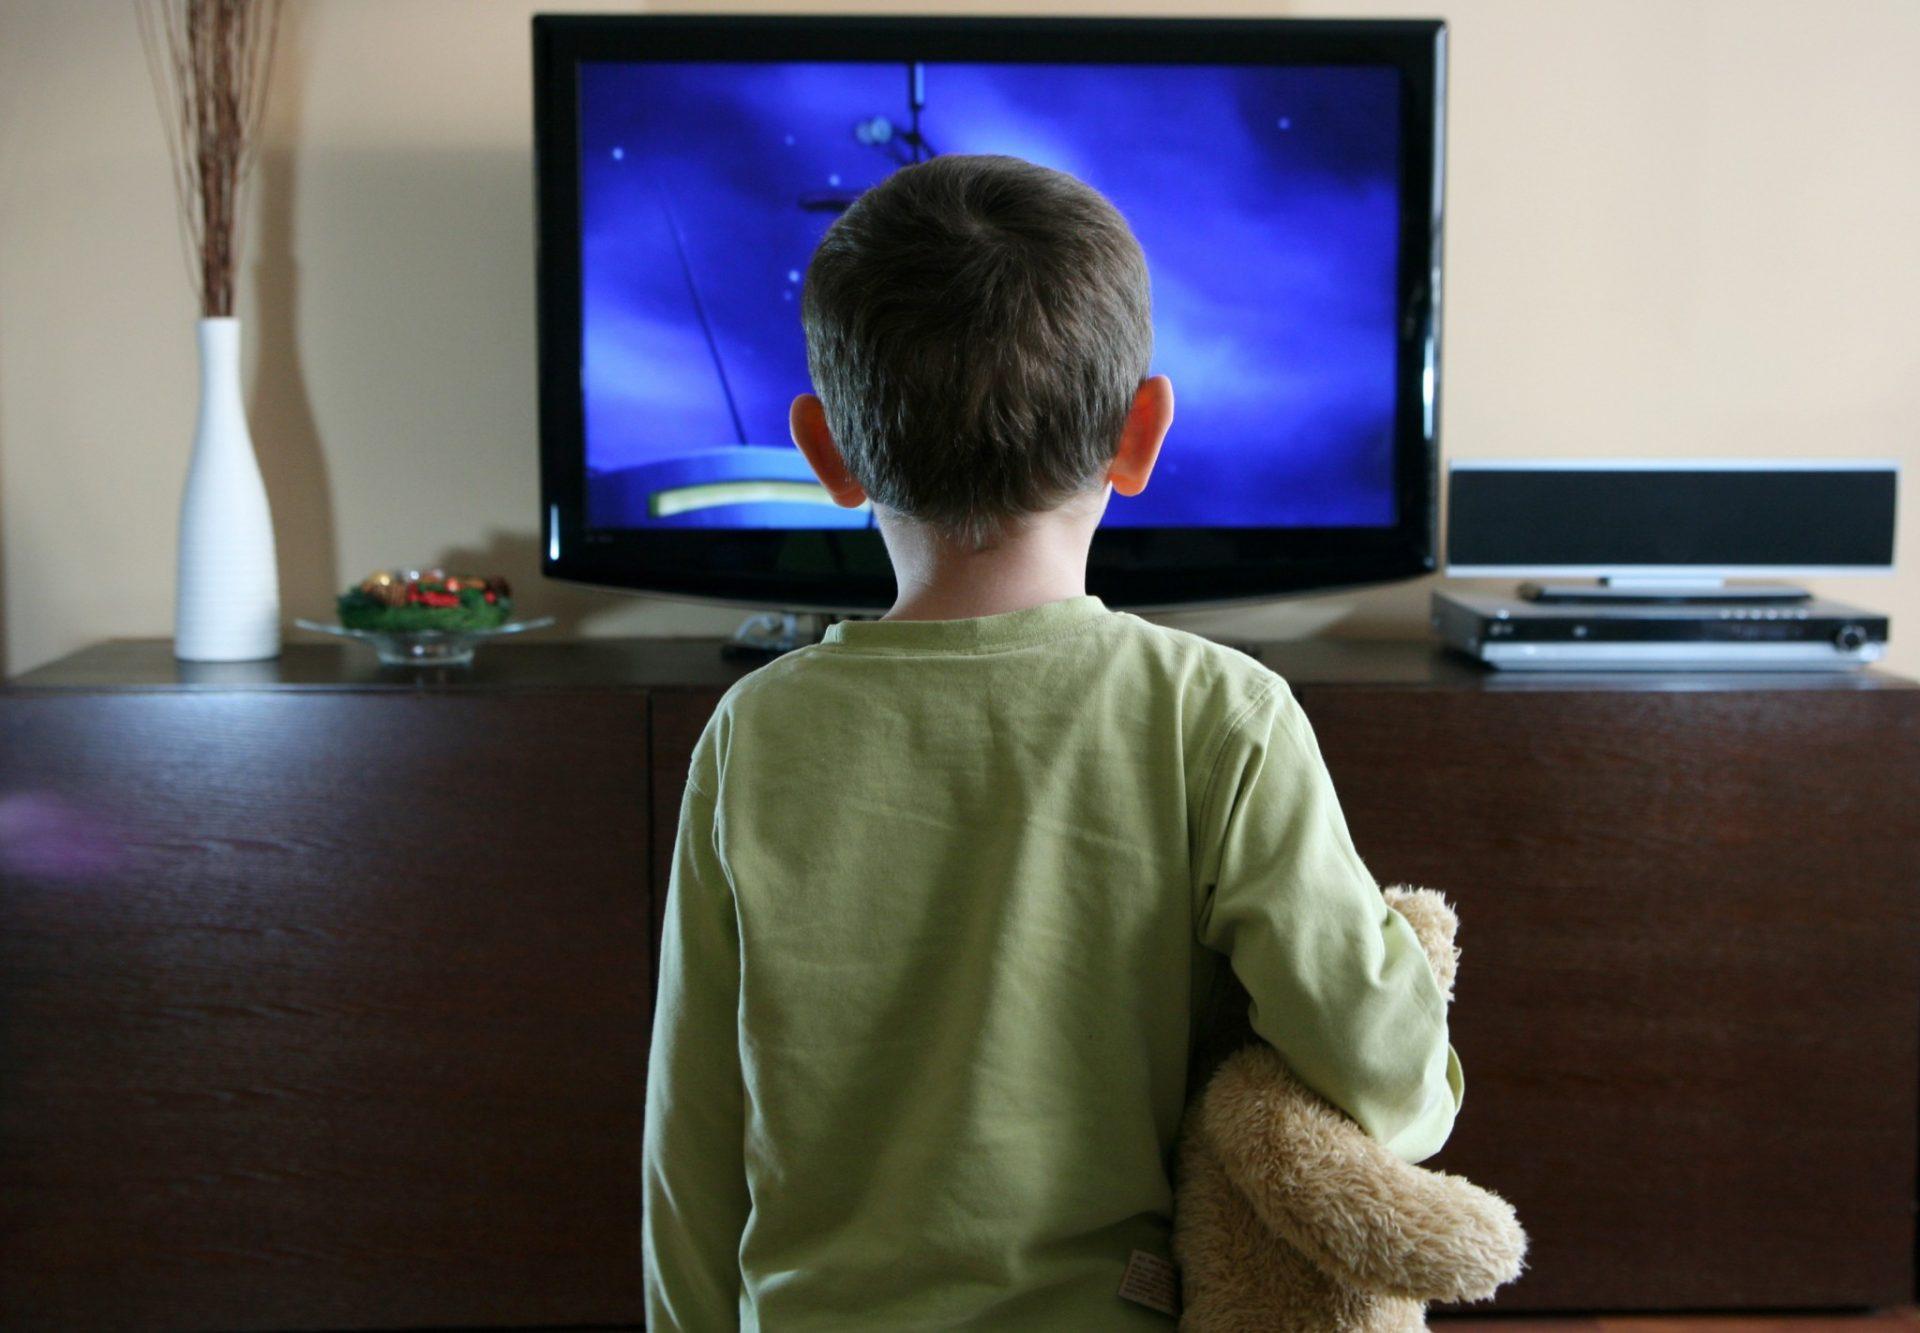 Audiențele în vremea coronavirusului. Posturile de știri și cele de desene animate, rating în creștere